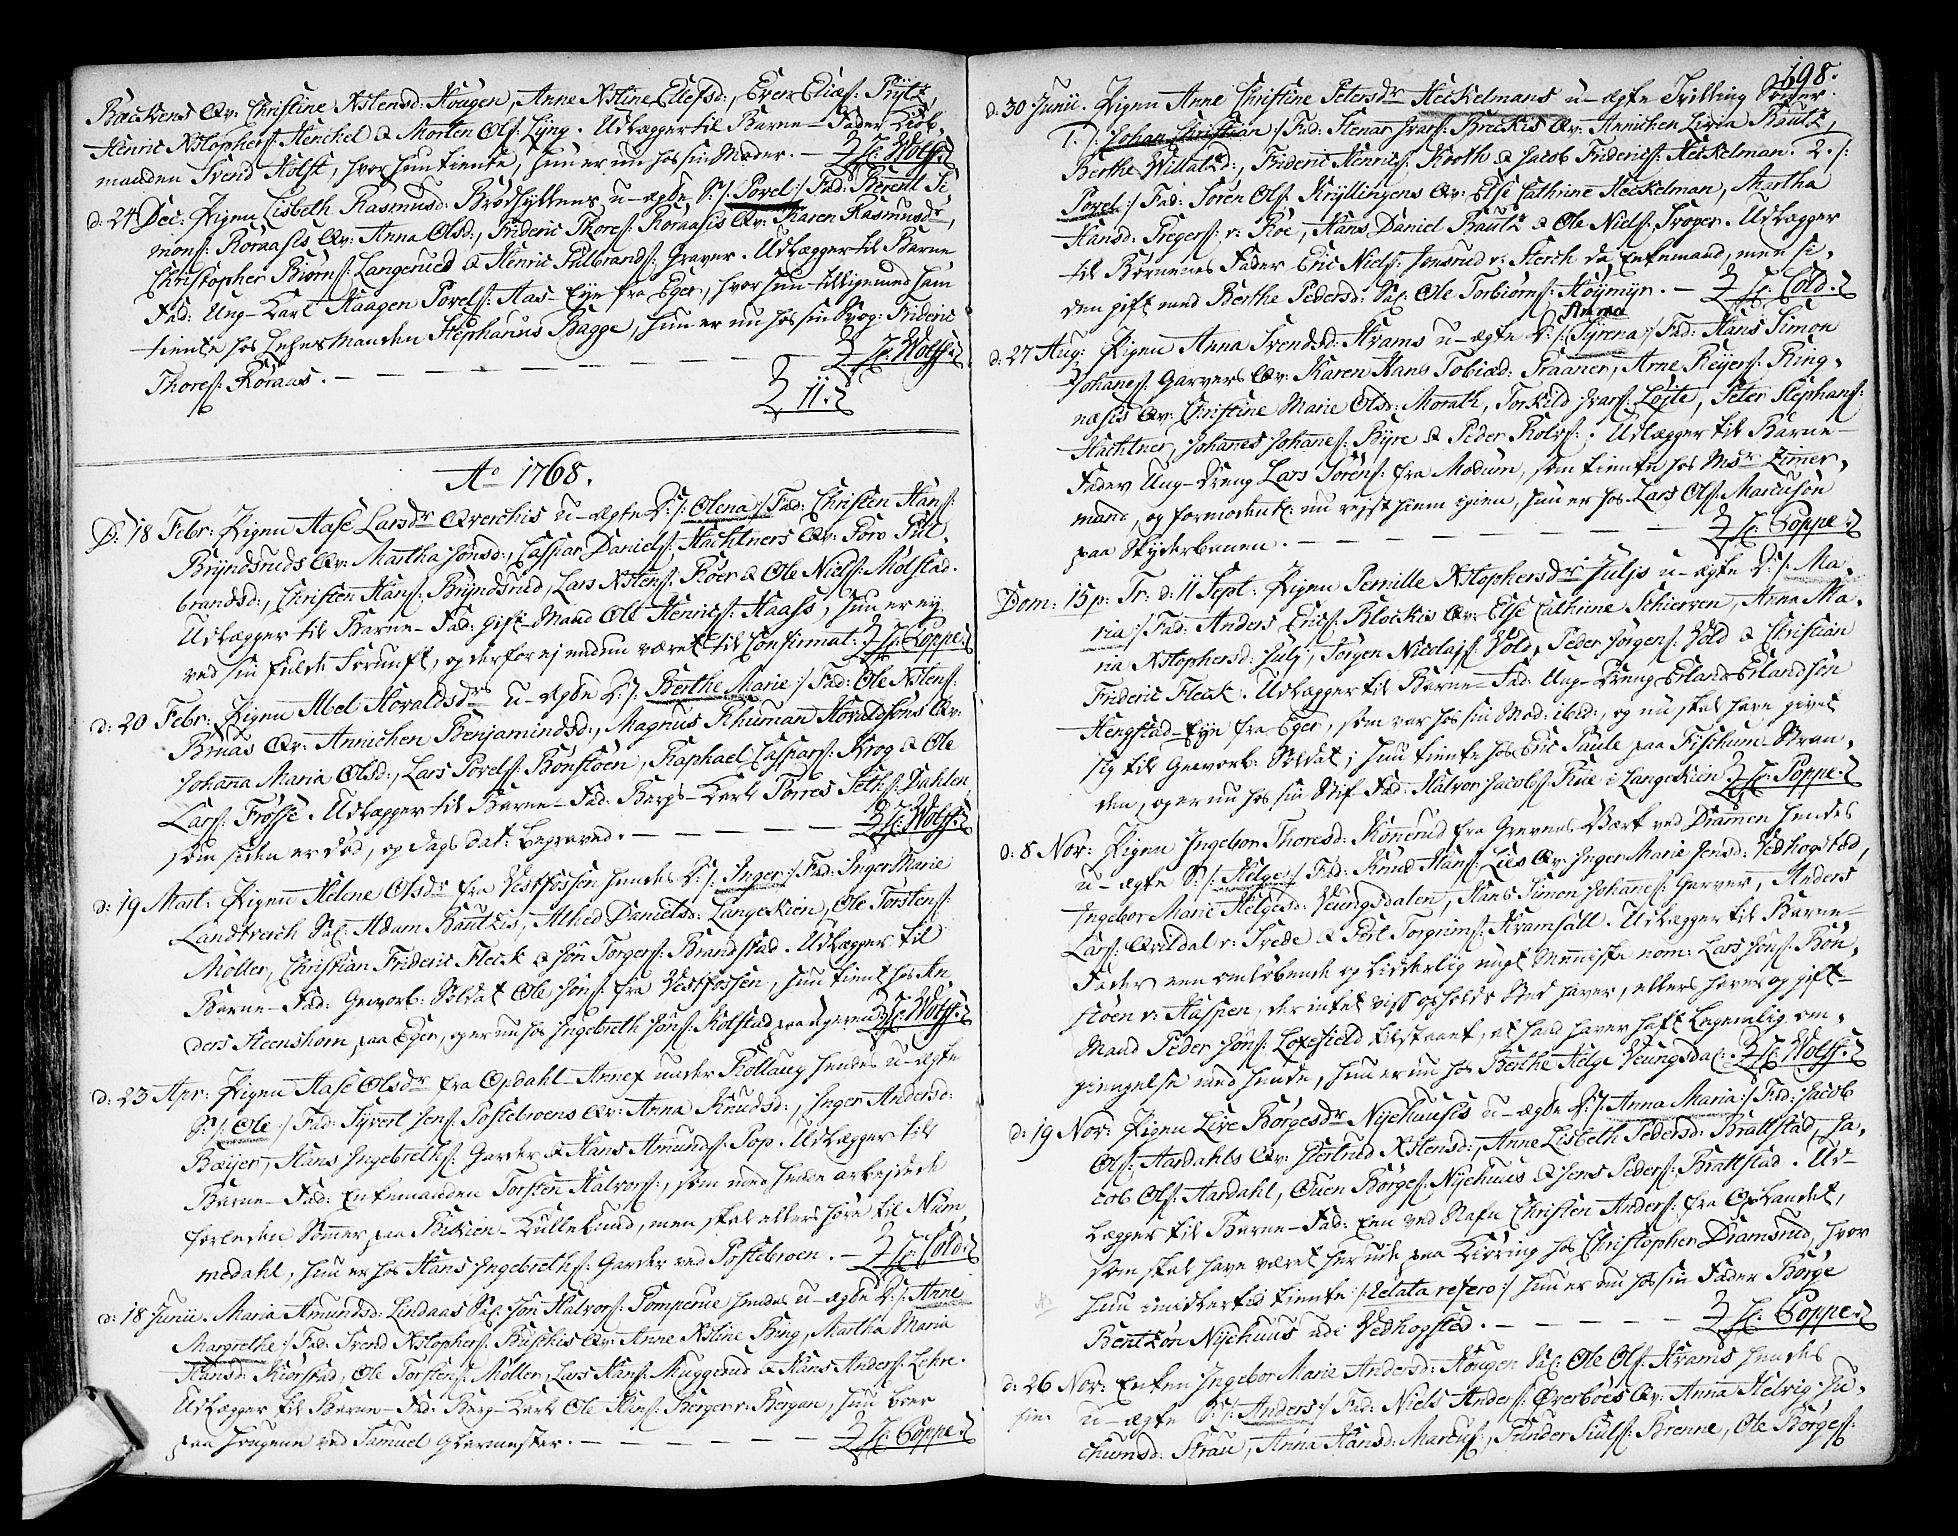 SAKO, Kongsberg kirkebøker, F/Fa/L0004: Ministerialbok nr. I 4, 1756-1768, s. 198